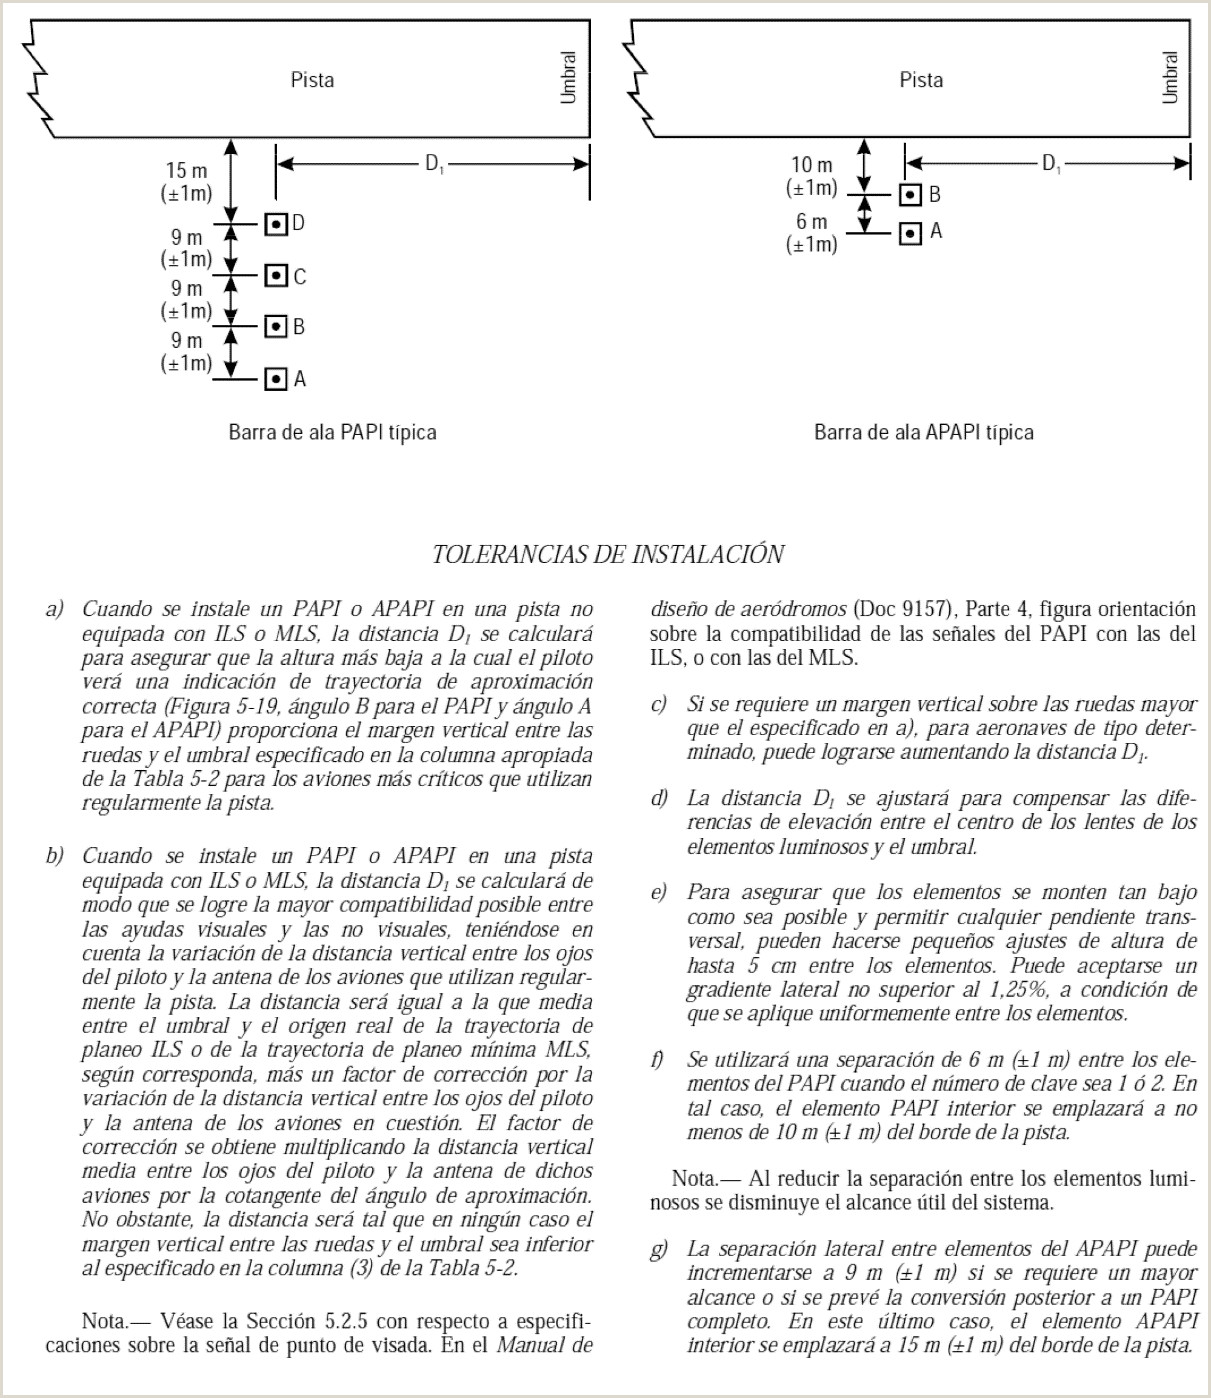 Formato Hoja De Vida Servicios Generales Boe Documento Consolidado Boe A 2009 9043